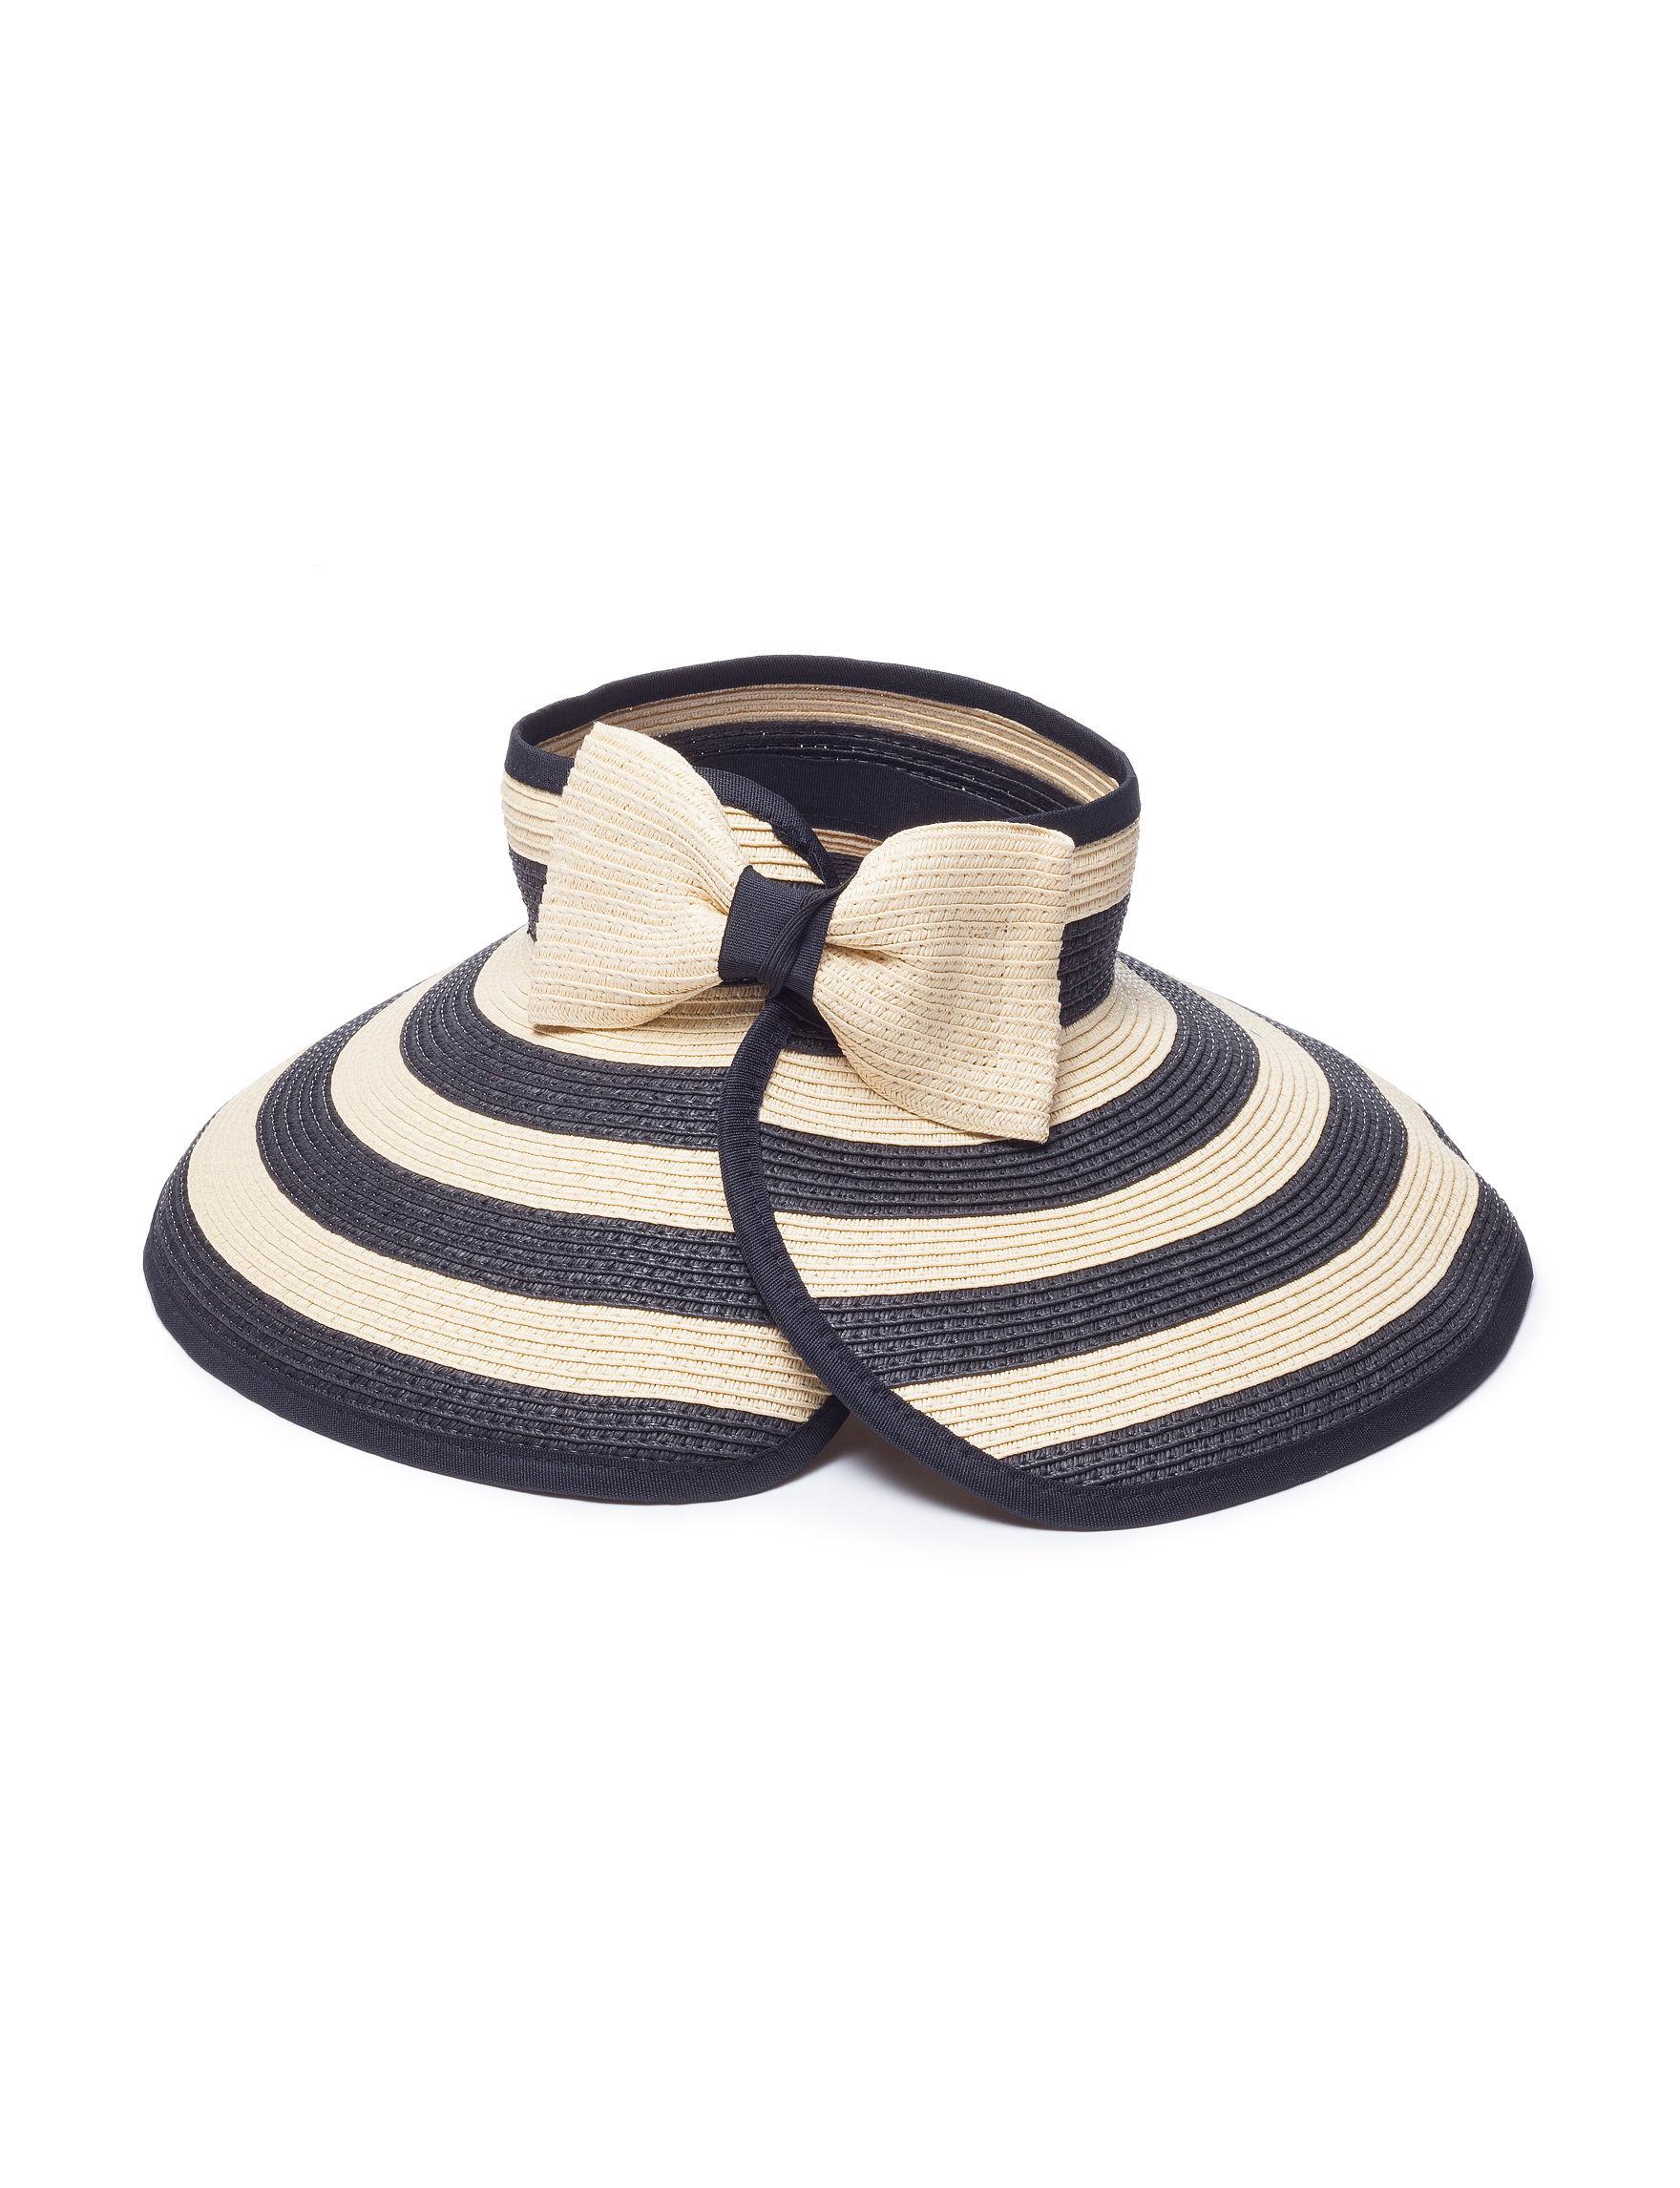 Amiee Lynn Black / Beige Hats & Headwear